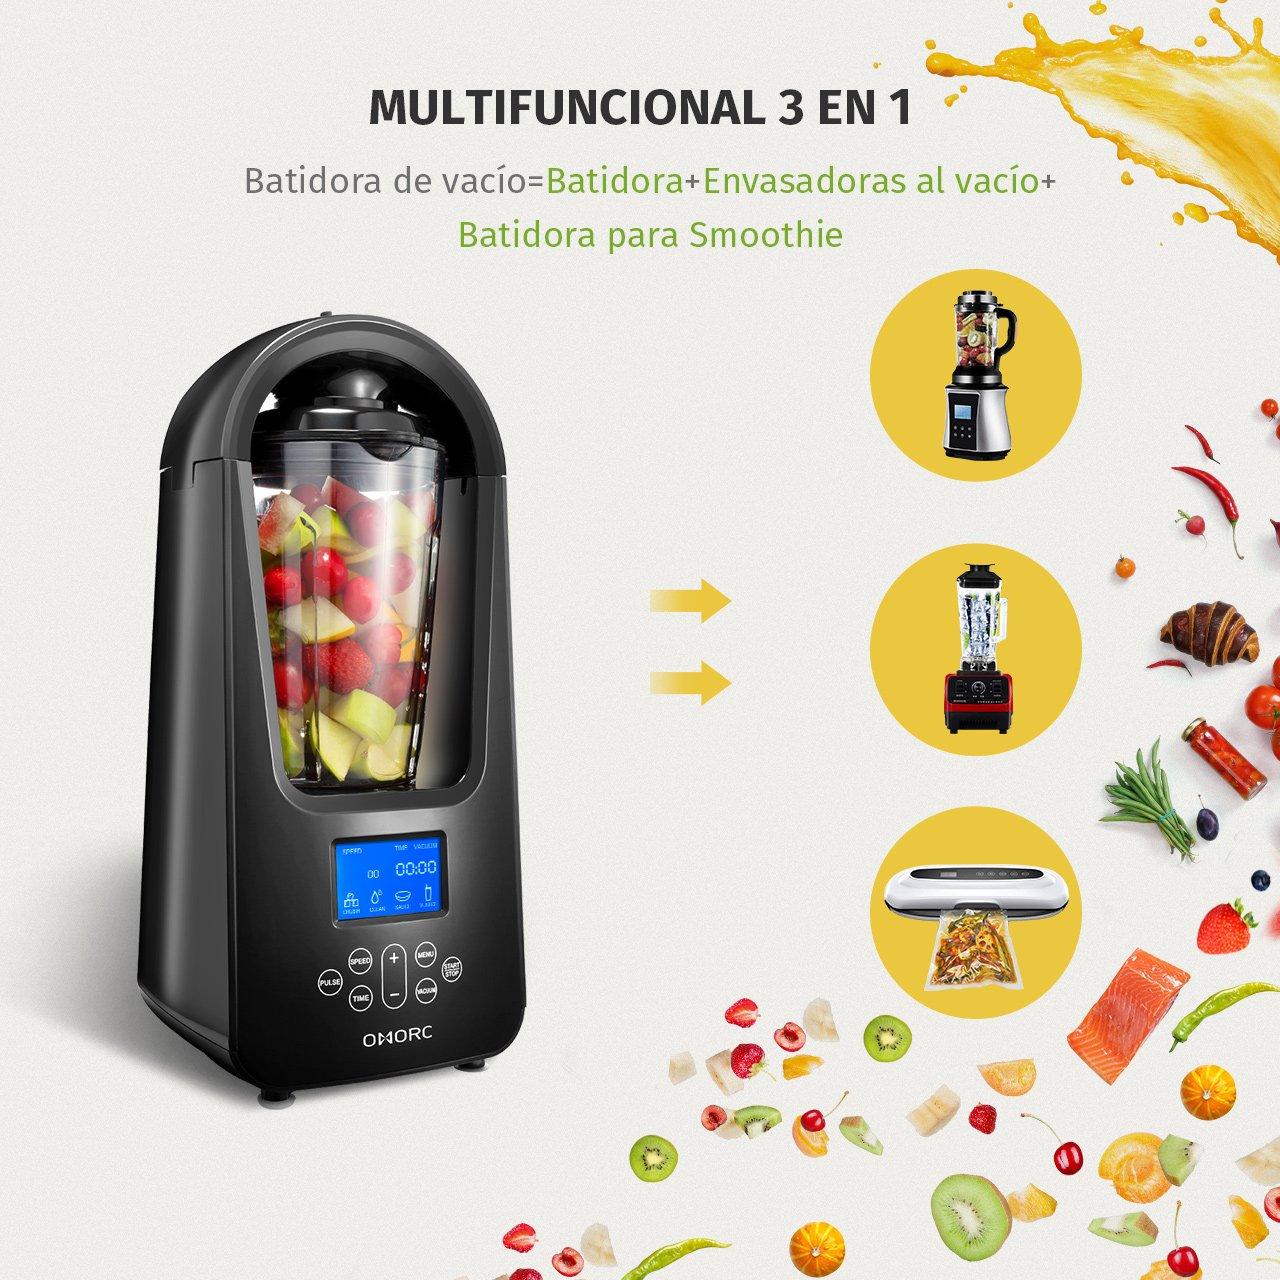 OMORC Batidora al Vacío, B atidora automático con Pantalla LED, 4 Modo de Mezcla, Multifuncional 3 en 1, Regalo un Vaso de almacenaje 800ml, ...